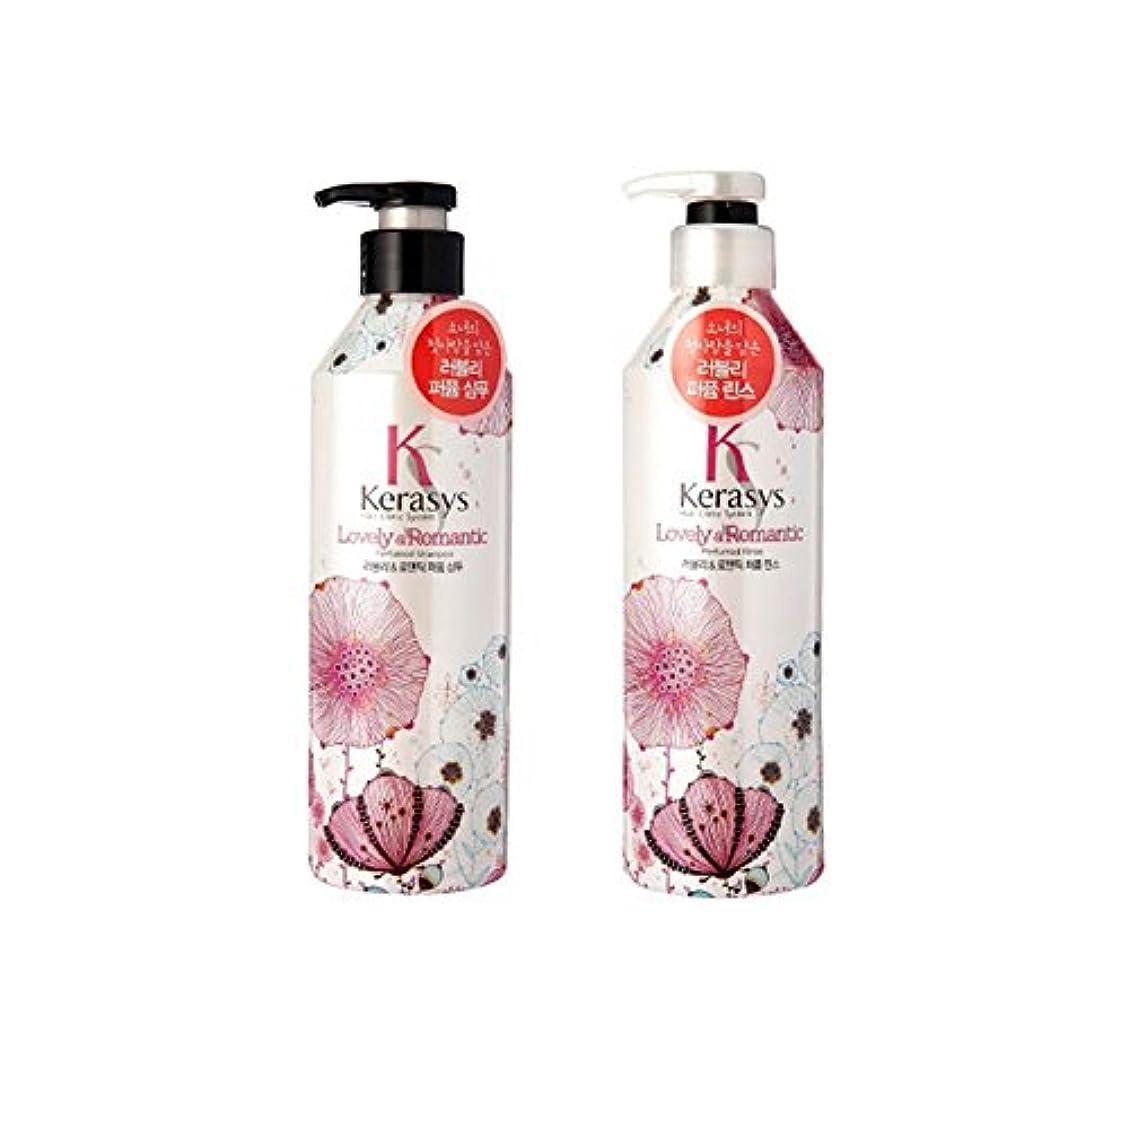 経験的栄光バズKerasys Shampoo and Conditioner シャンプー そして リンス(コンディショナー) それぞれ 600ml  (海外直送品) (Lovely Romantic)